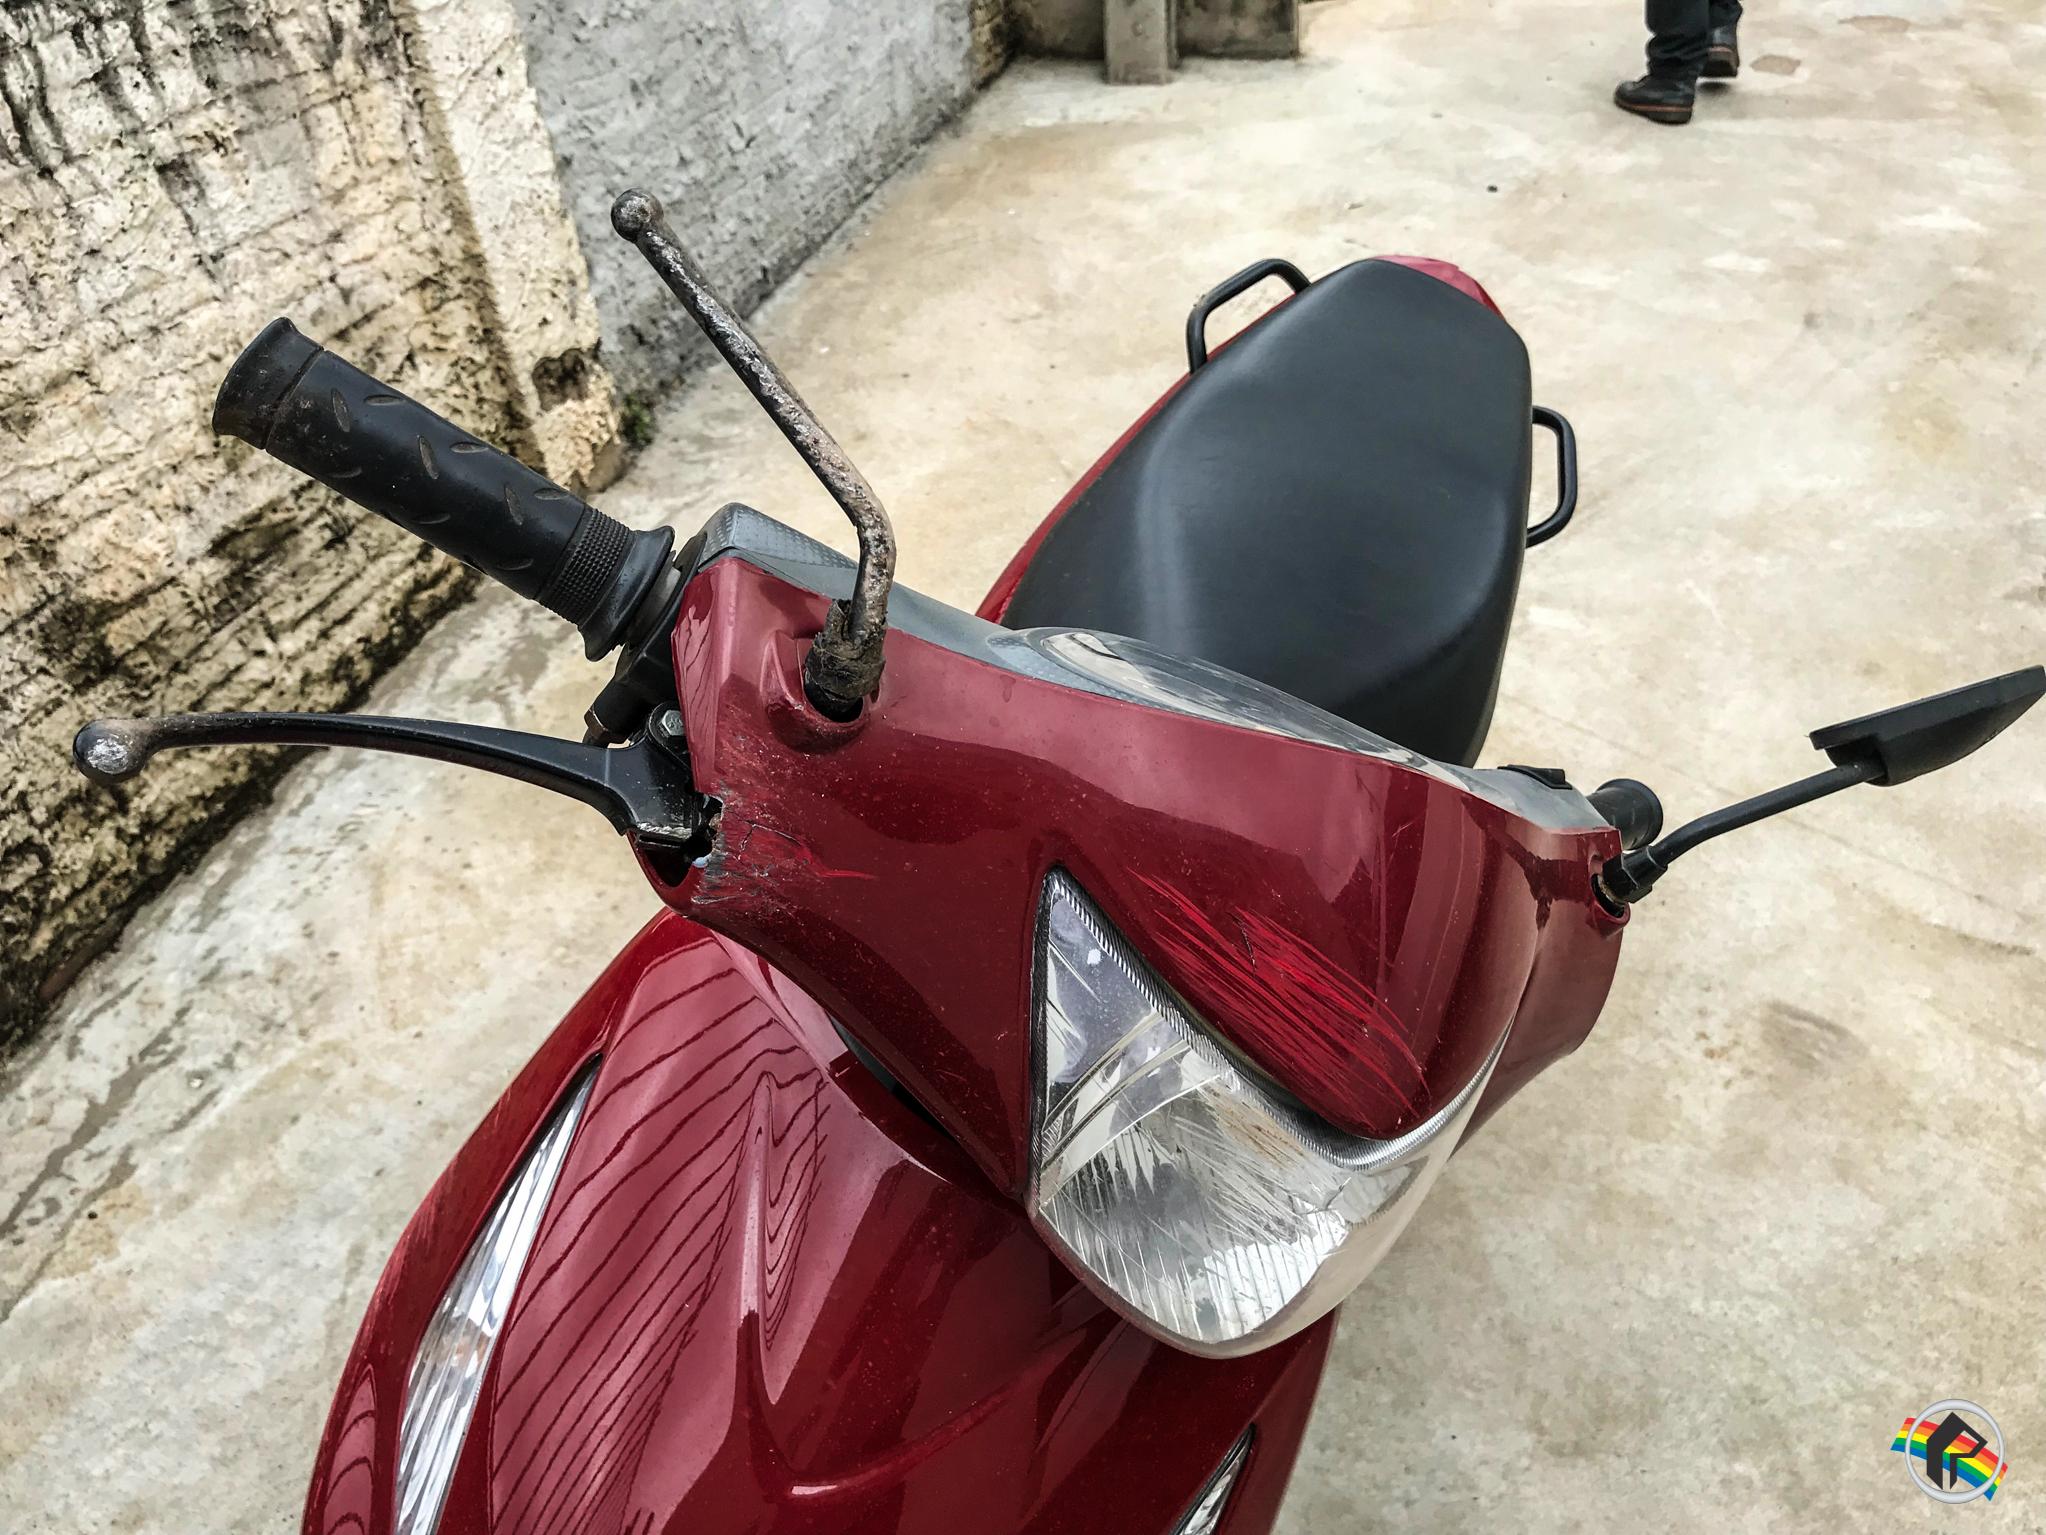 VÍDEO: Buraco na Willy Barth causa acidente com moto